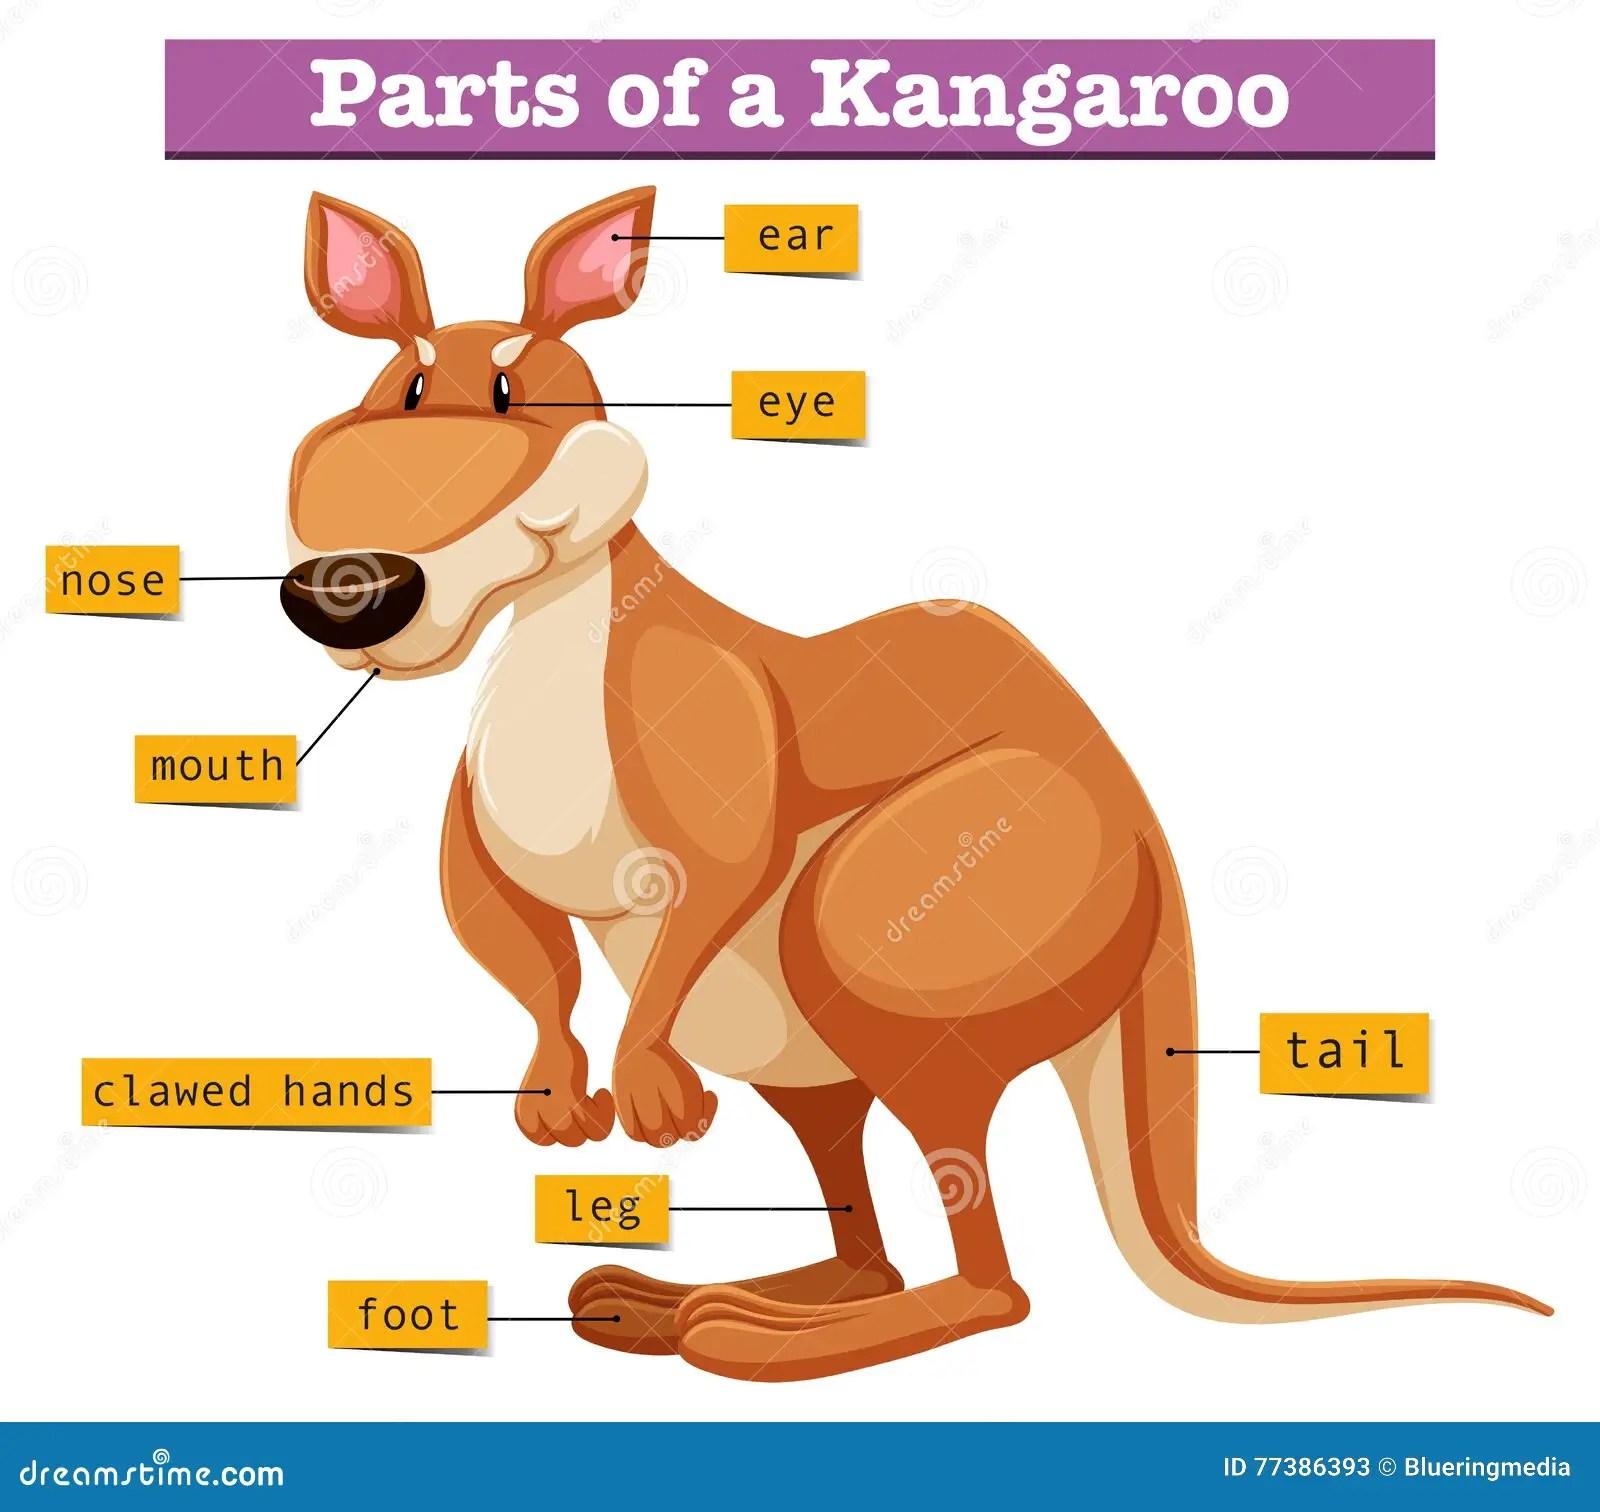 Diagrama Que Muestra Diversas Partes Del Can